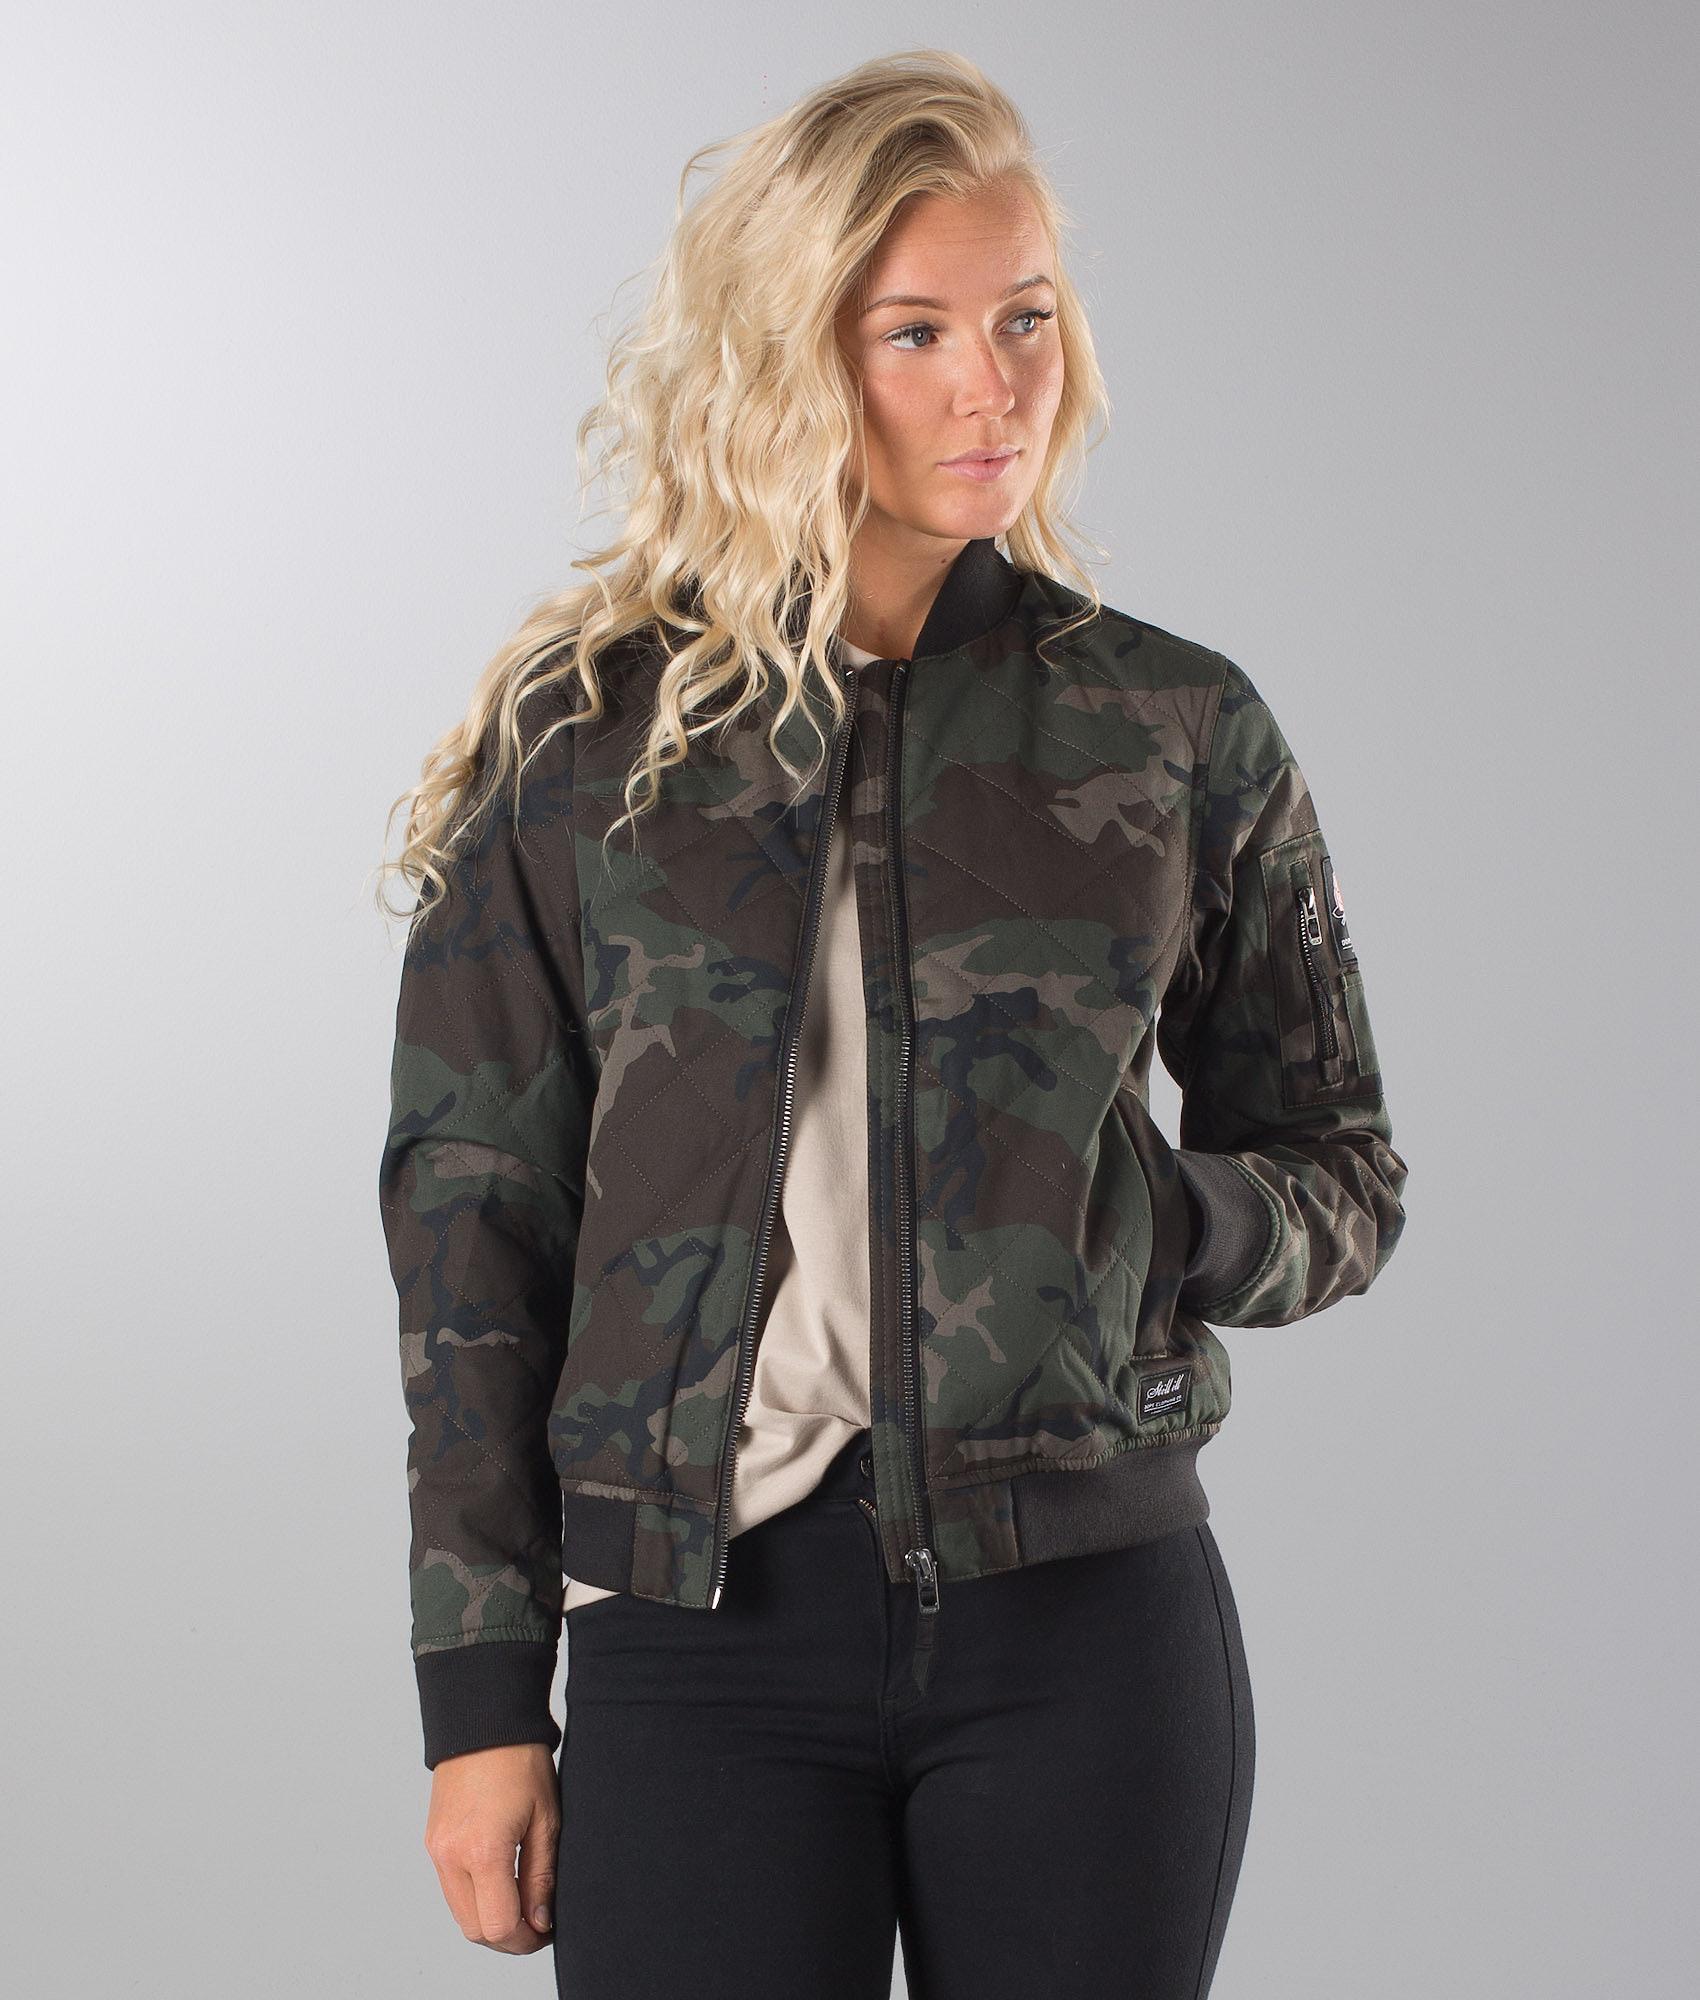 82e01b70ce5 Women s Jackets Streetwear